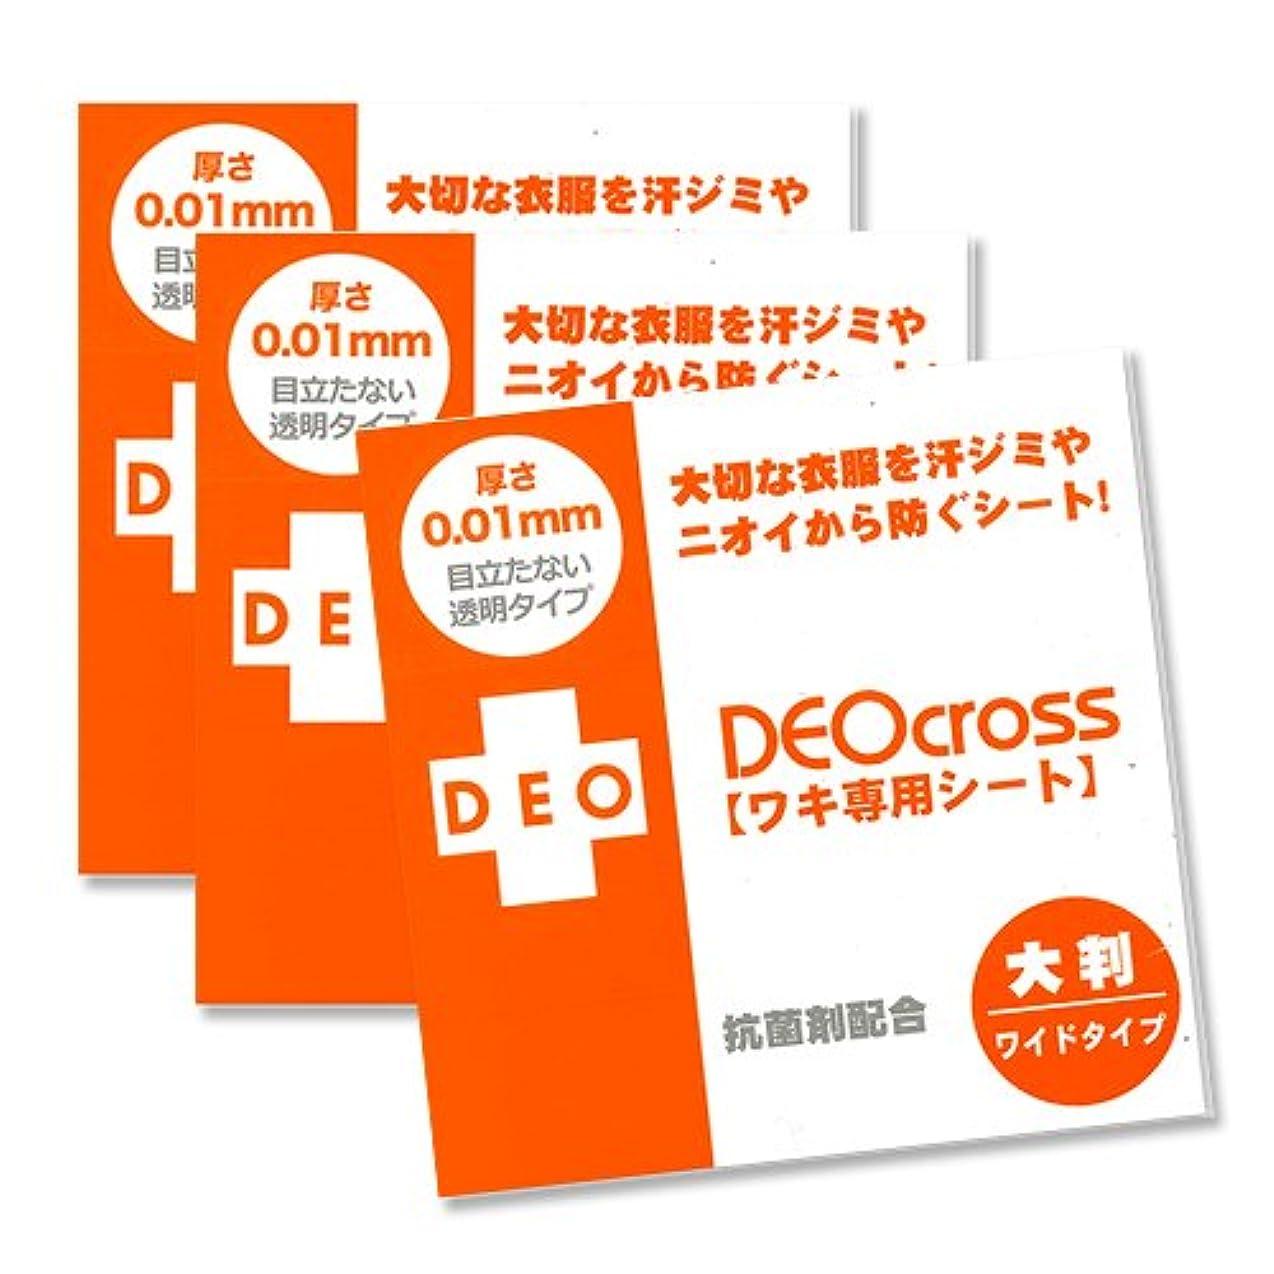 【ワキ専用シート】 デオクロス Deo Cross ワイドタイプ (50枚入りx3個セット)